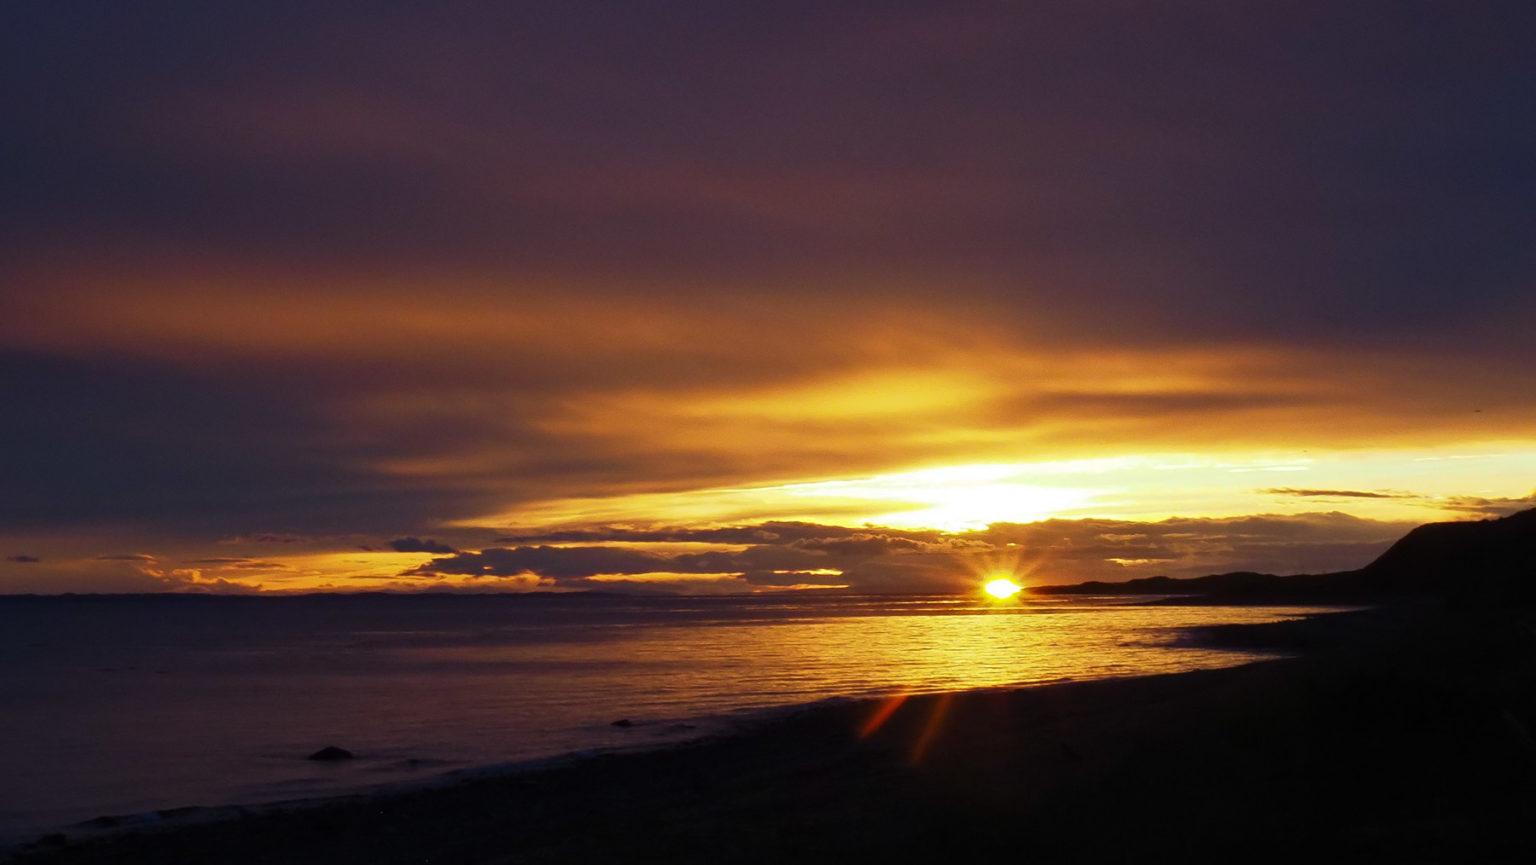 Sonnenuntergang am Ende des Südamerikanischen Kontinents  mit Blick auf Feuerland